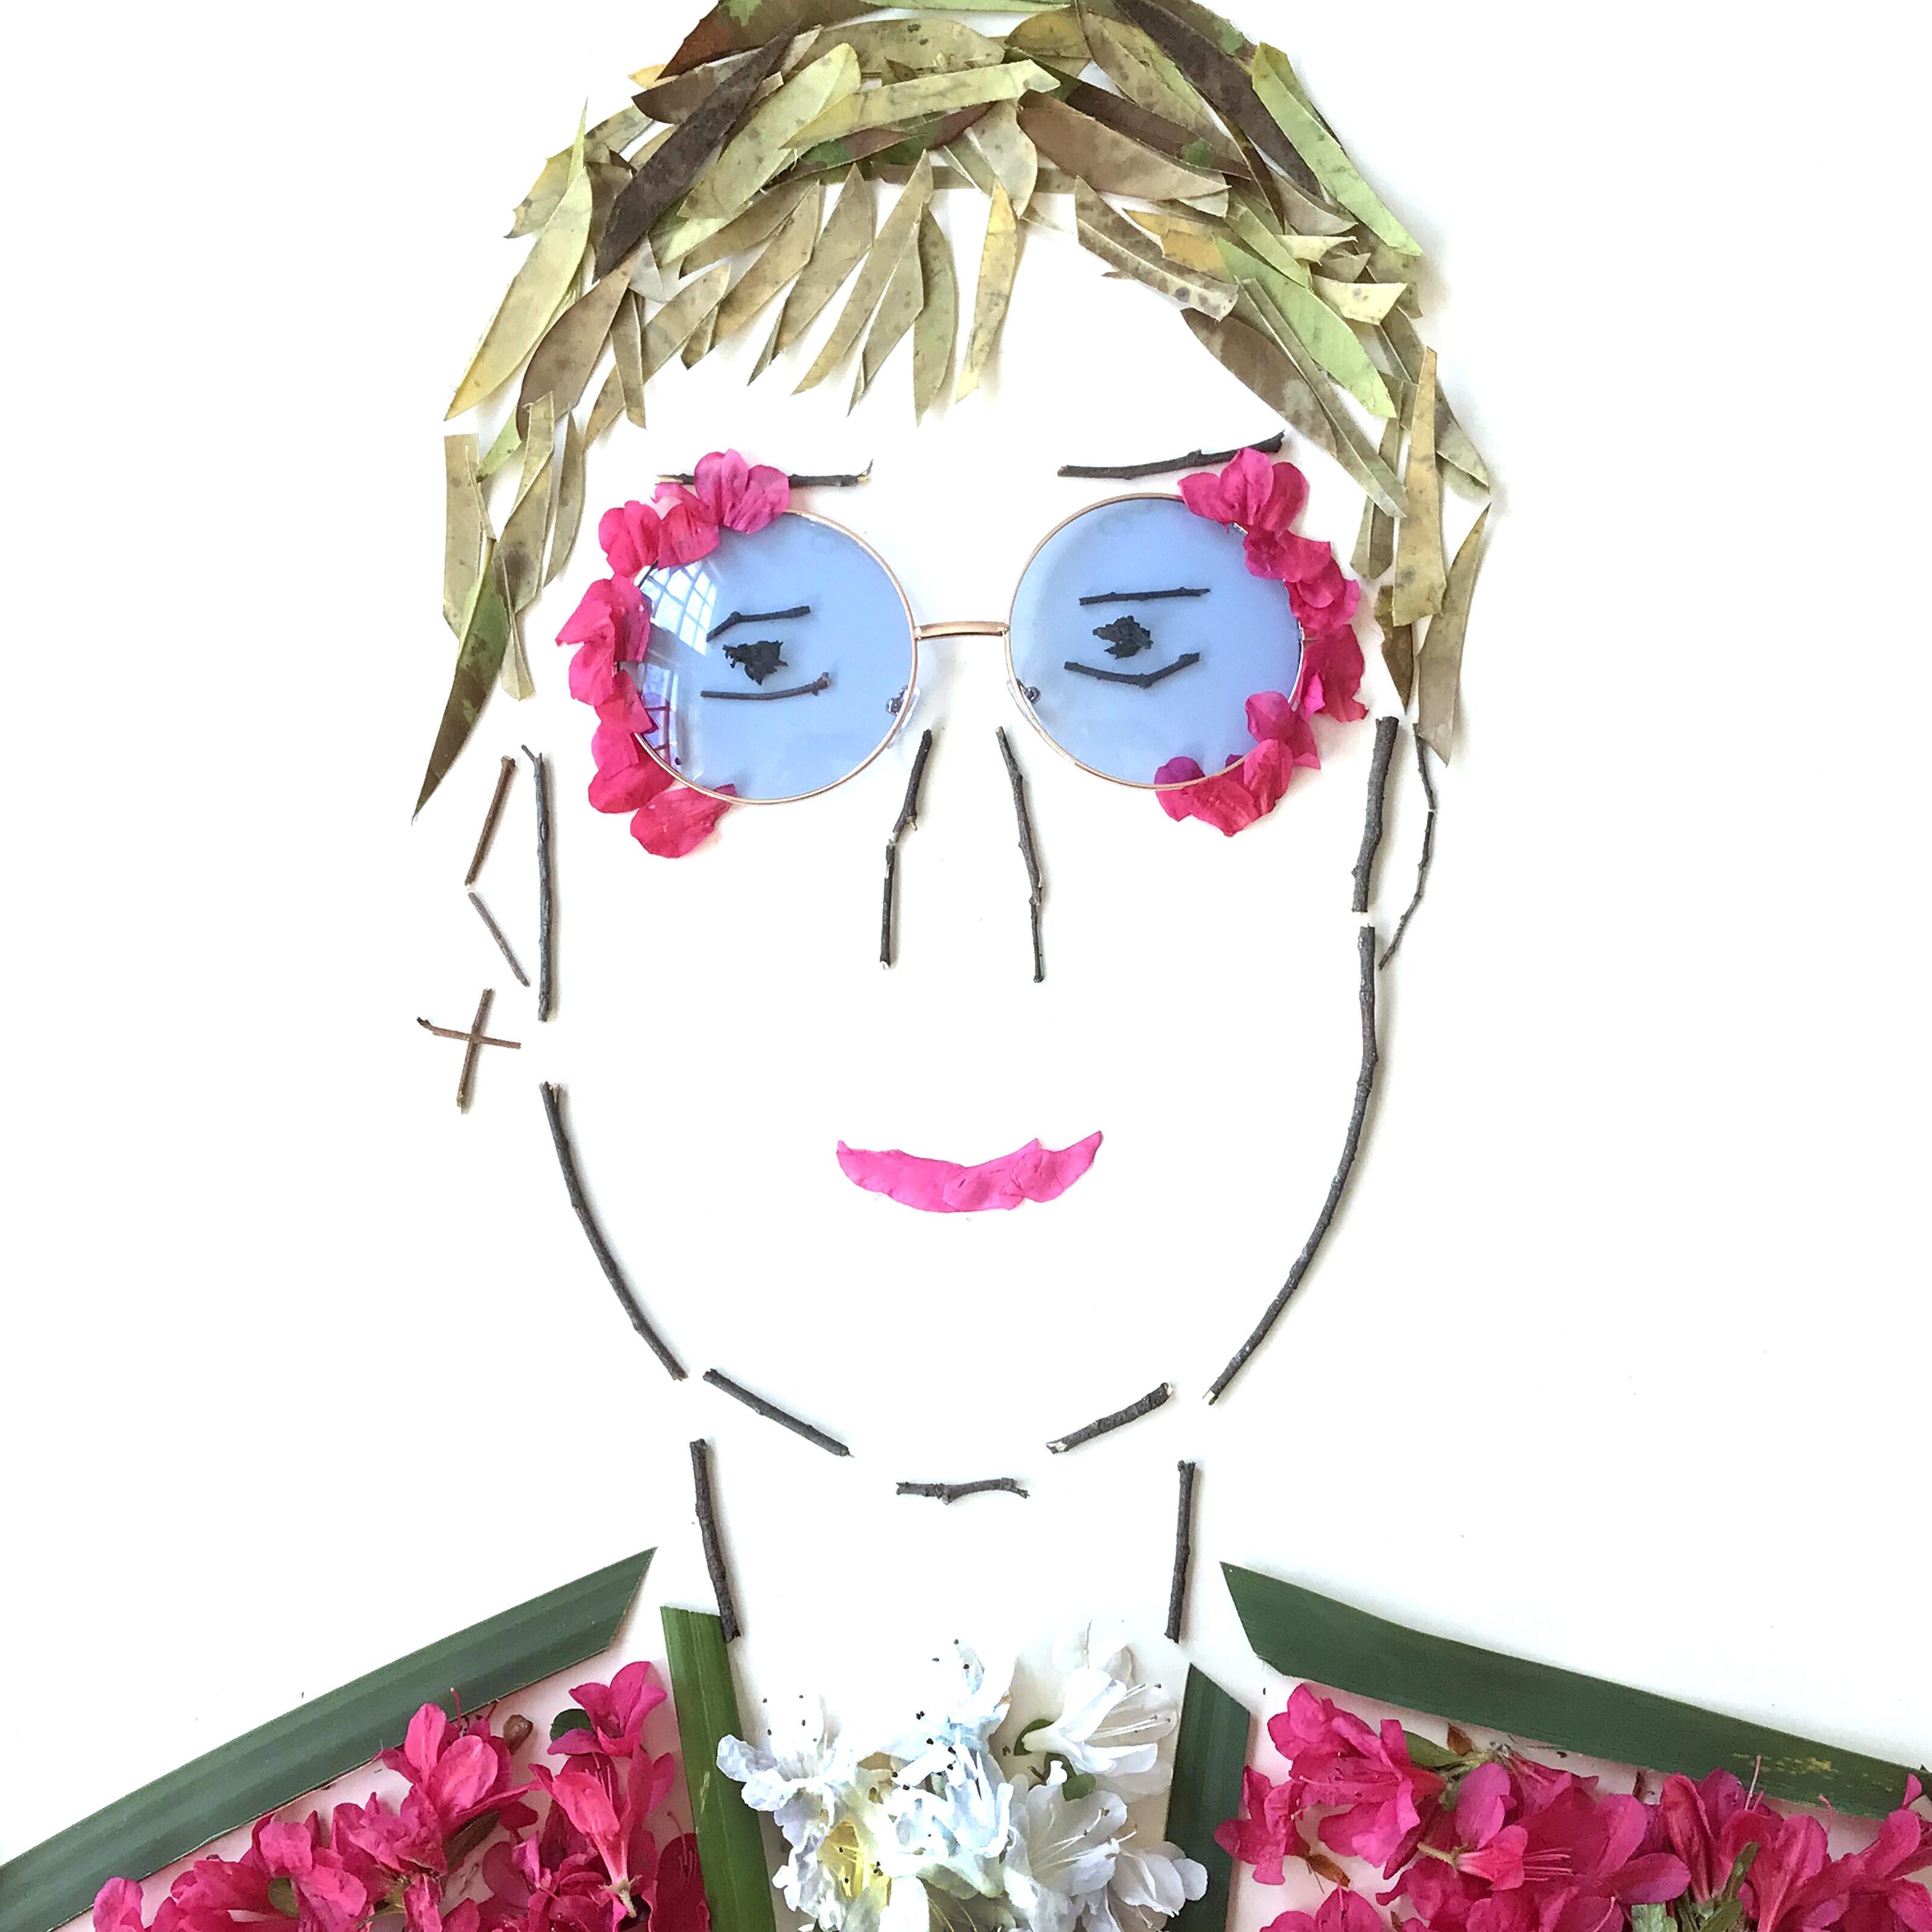 Elton_John_IMG_5640_EDIT_400dpi_8x10